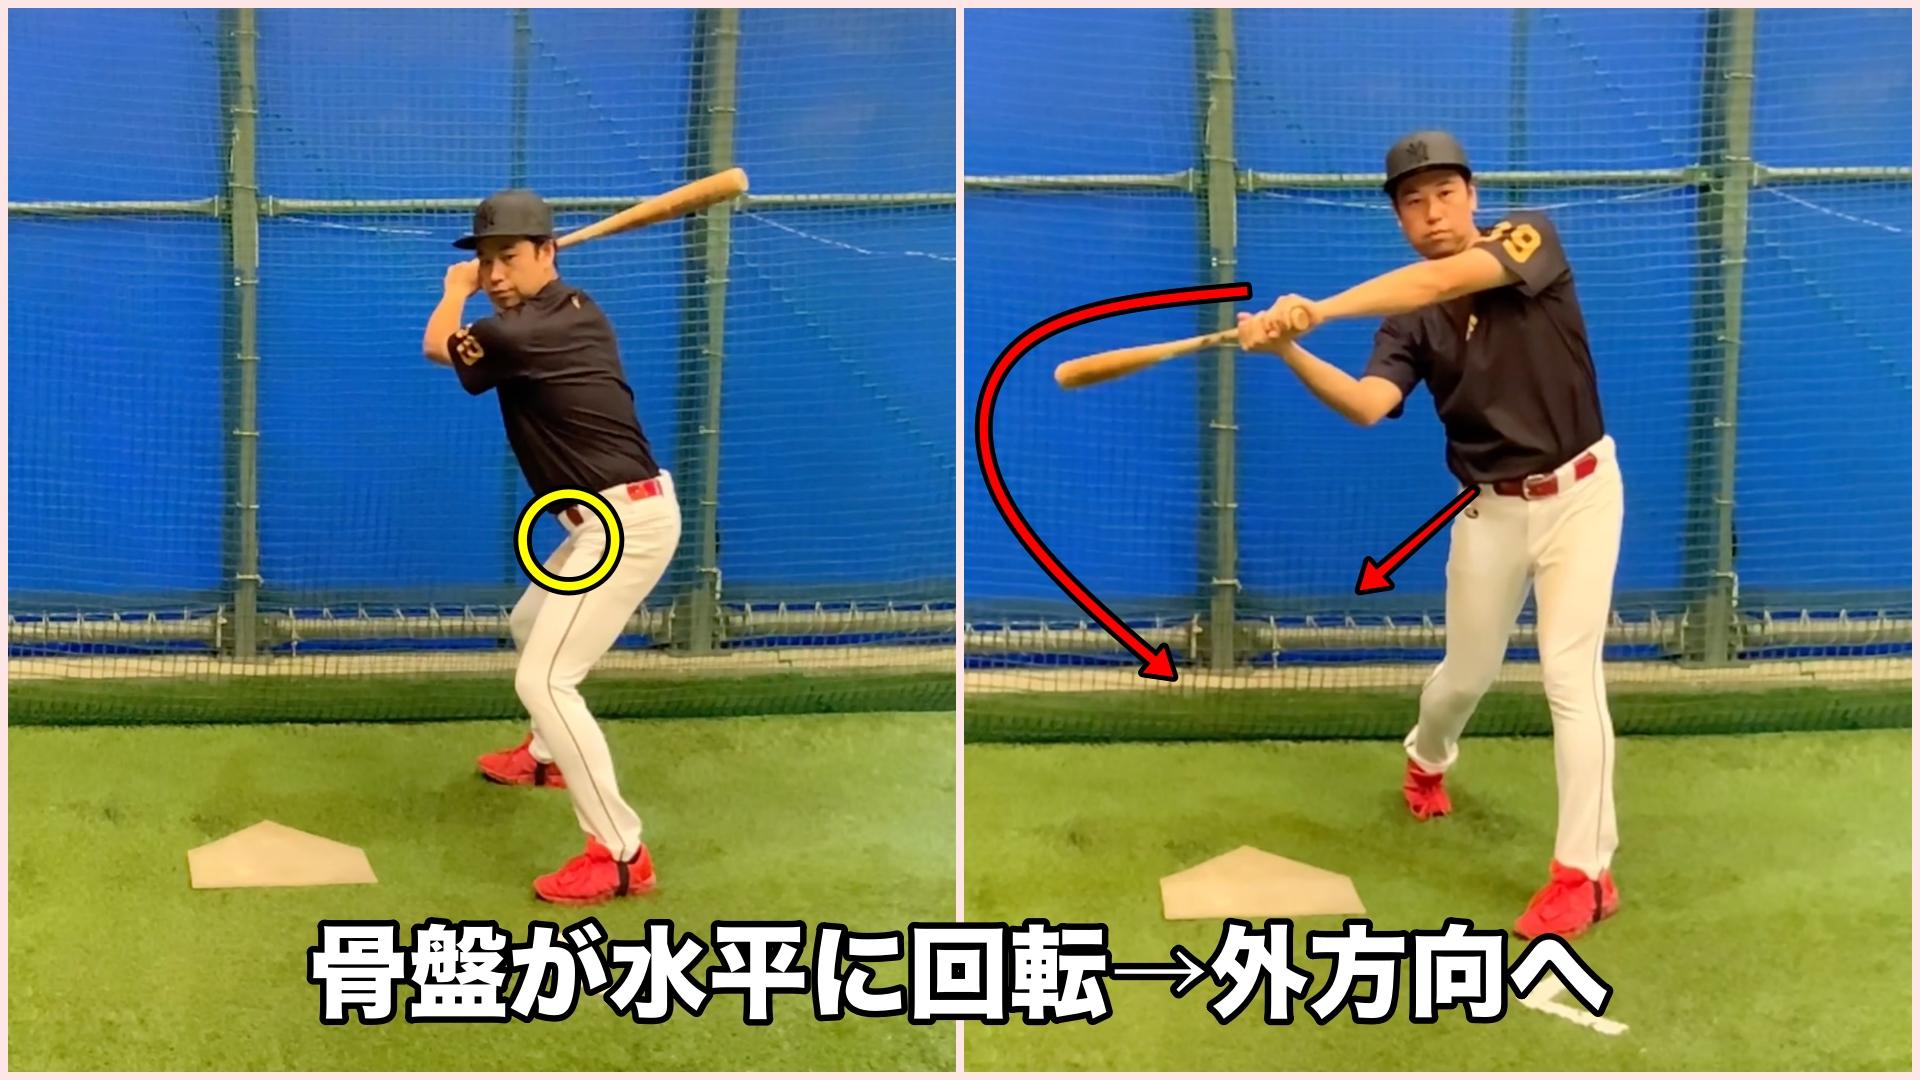 軸足回転の場合水平に骨盤が回転する→力は外方向にいきやすくなりドアスイングなどの原因となる